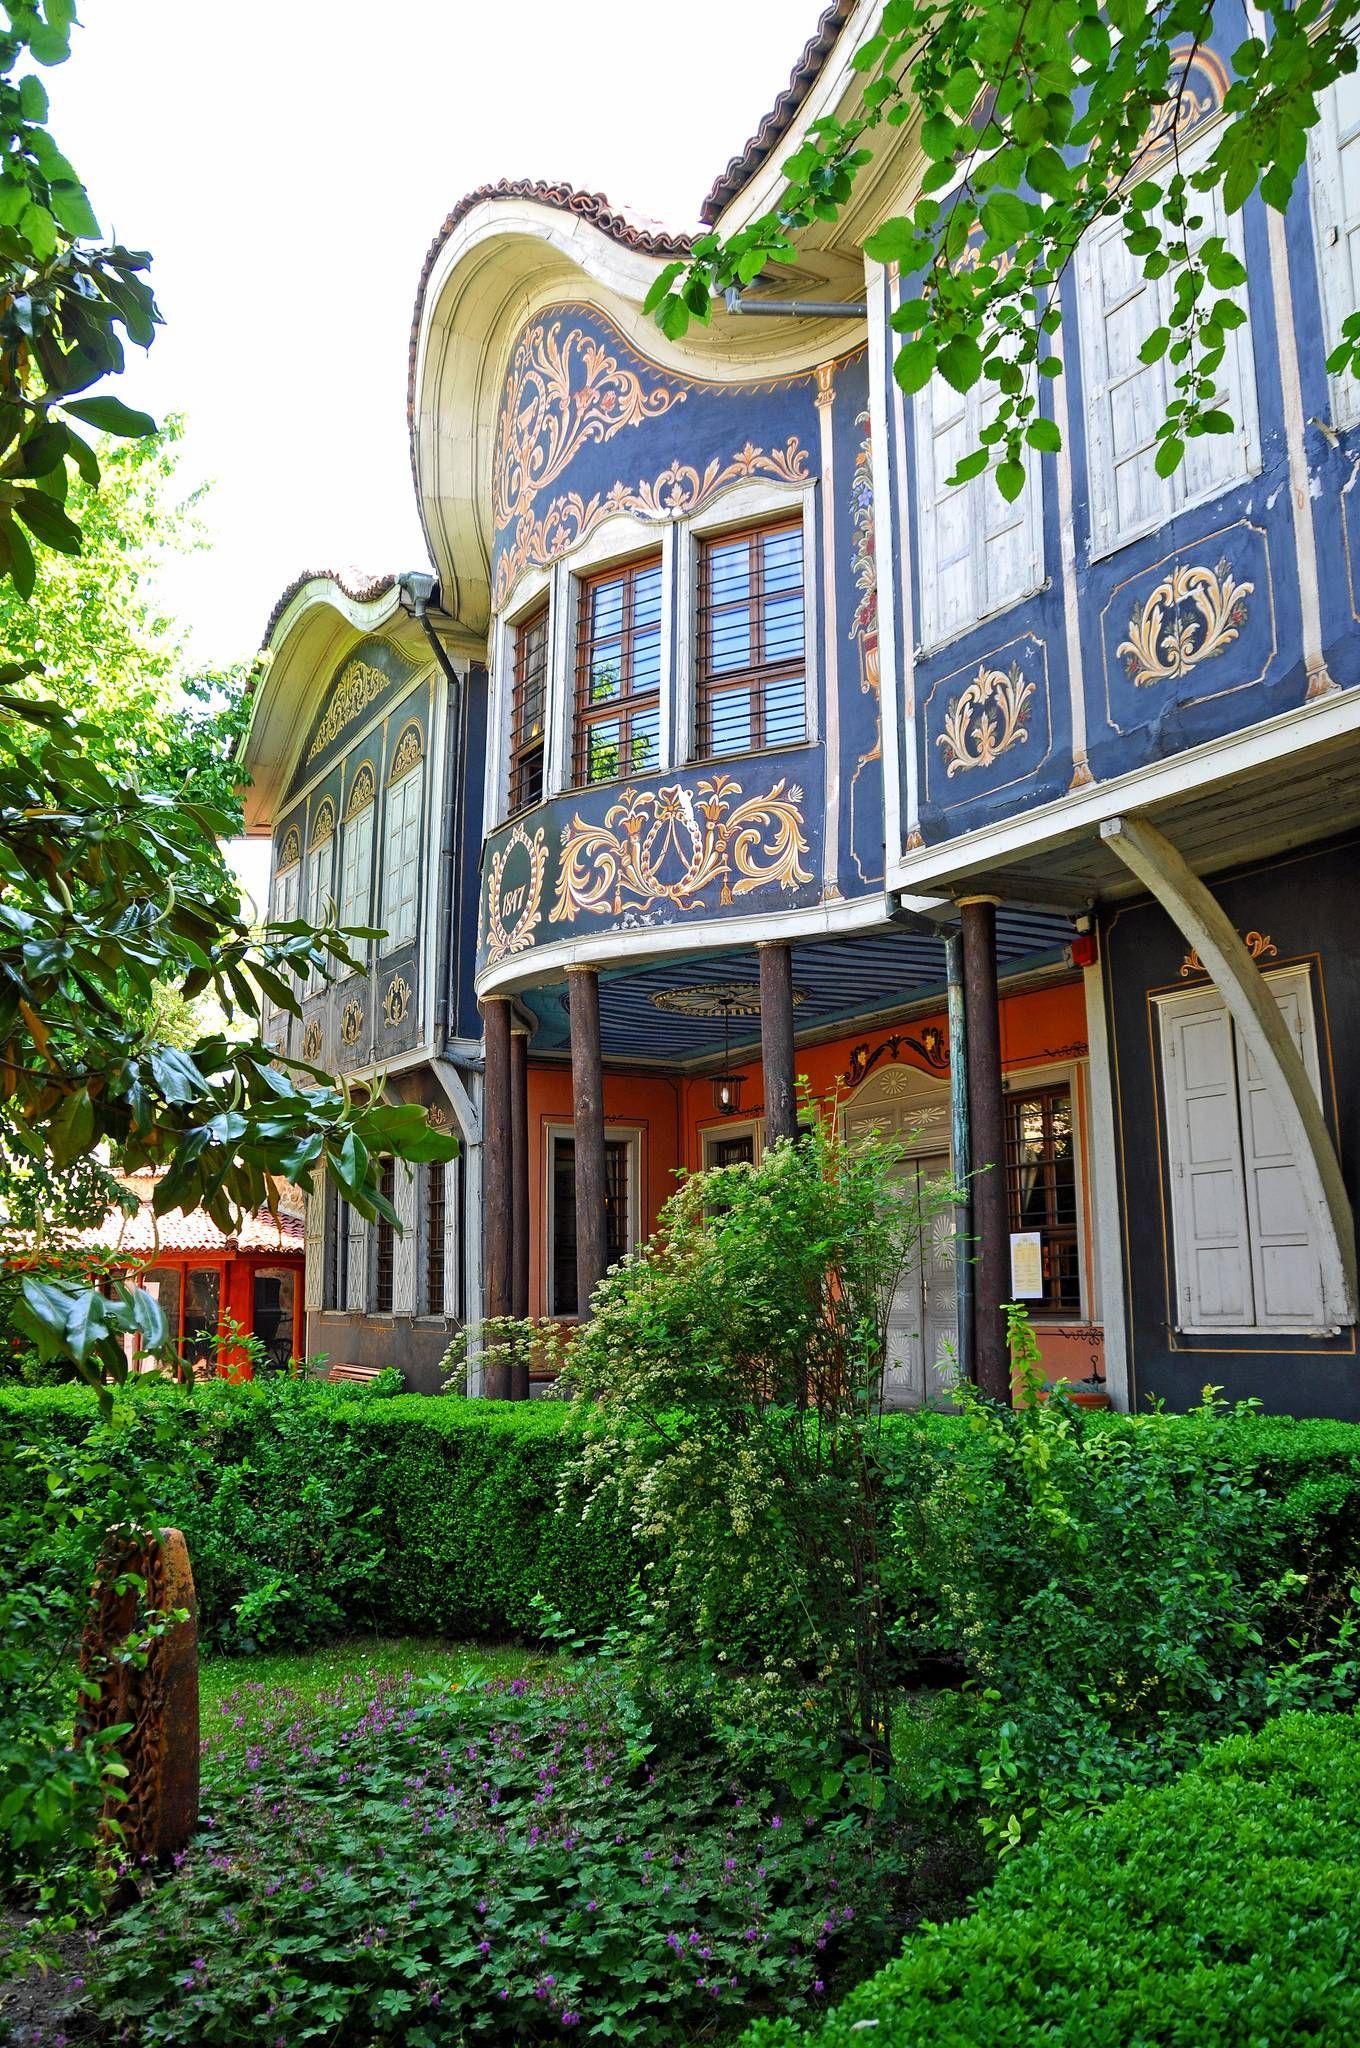 Bulgaria-0742 – Plovdiv Regional Ethnographic Museum